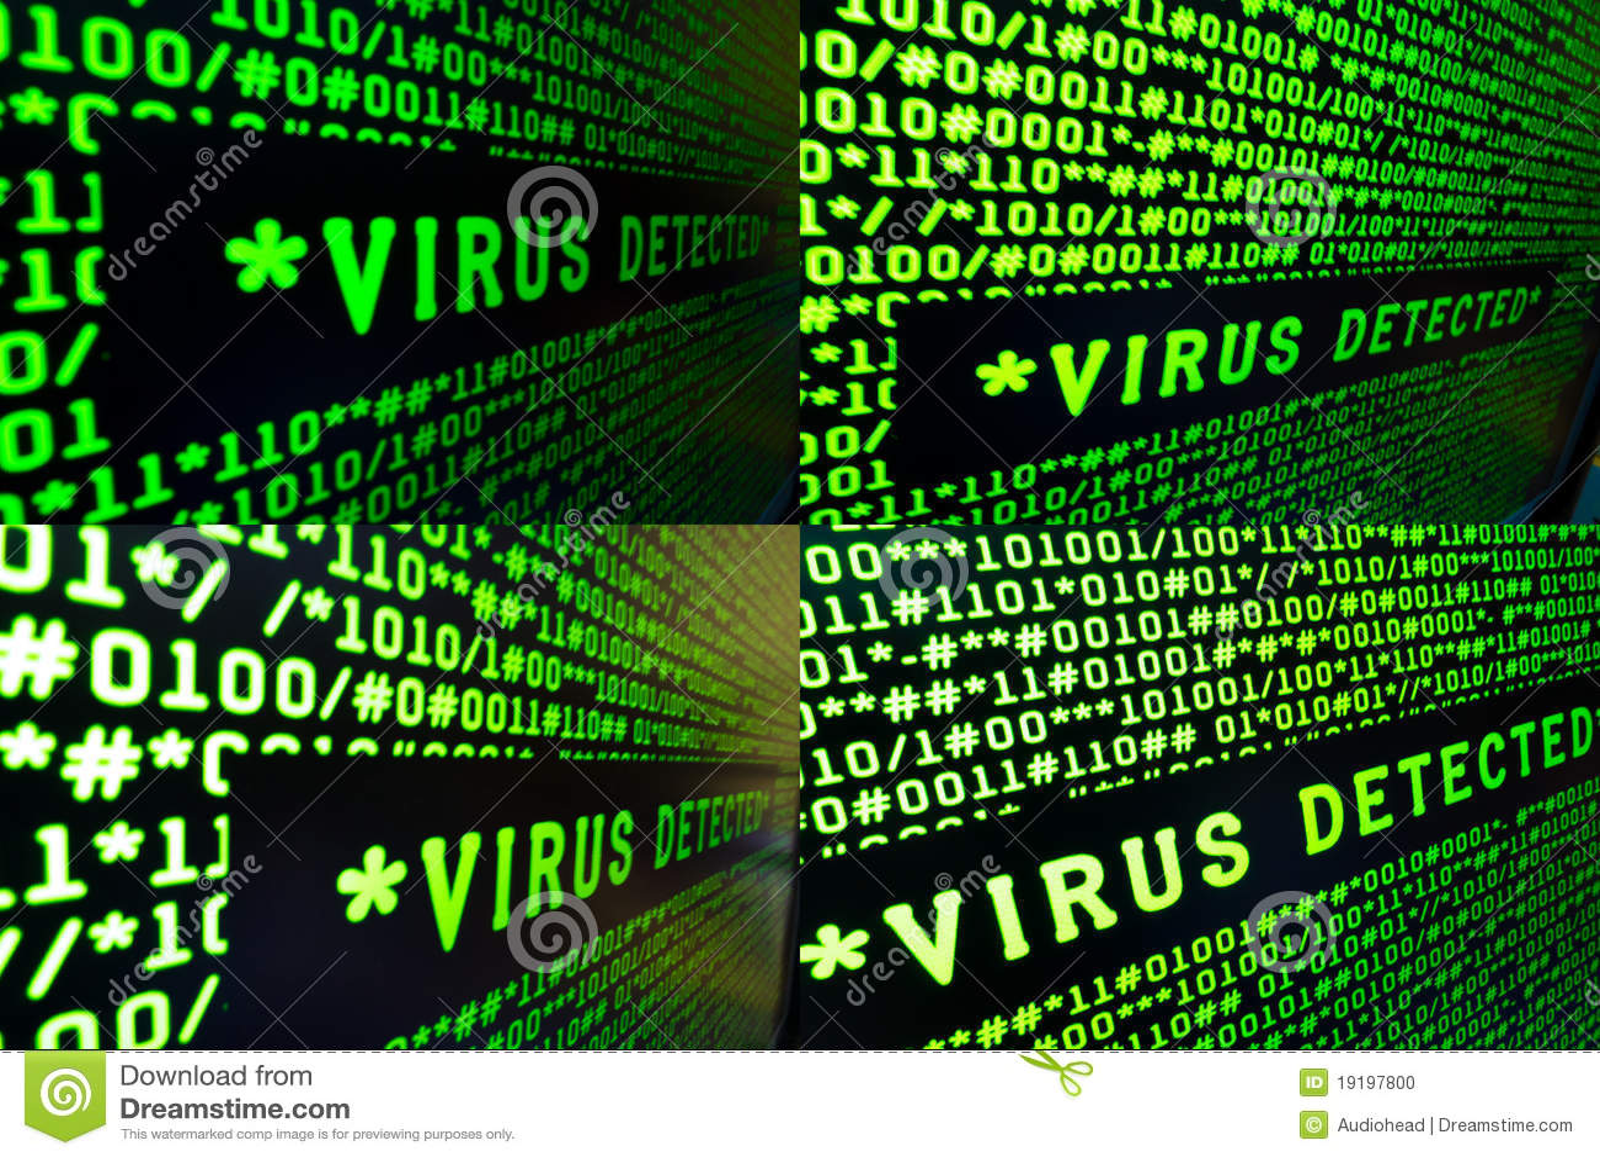 Conjunto de muestras detectadas virus